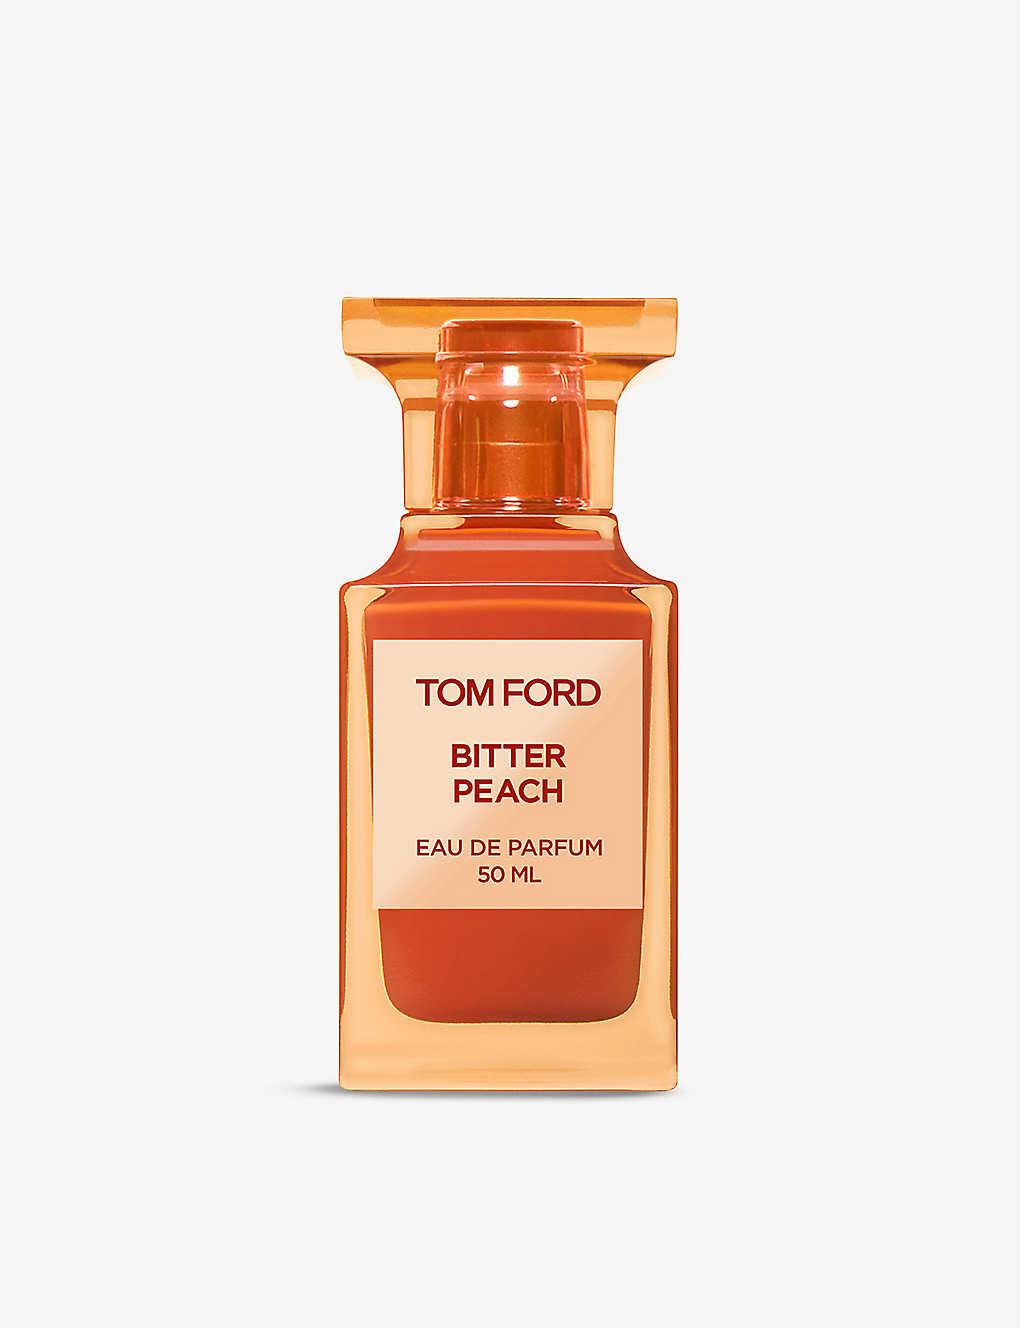 TOM FORD: Bitter Peach eau de parfum 50ml